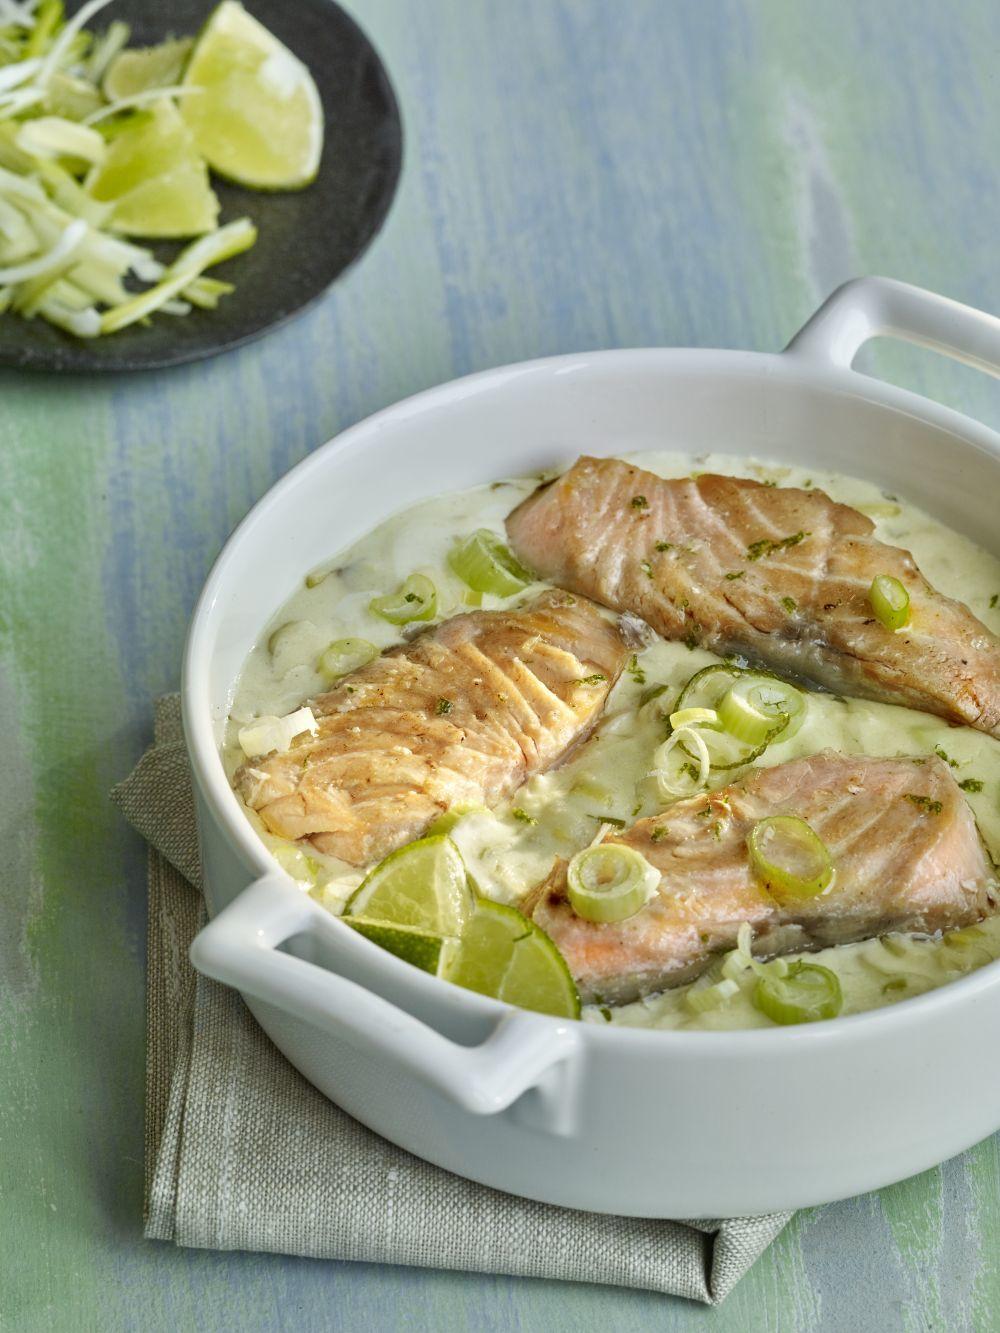 Los alimentos ricos en omega 3 como el salmón te ayudarán a aliviar...